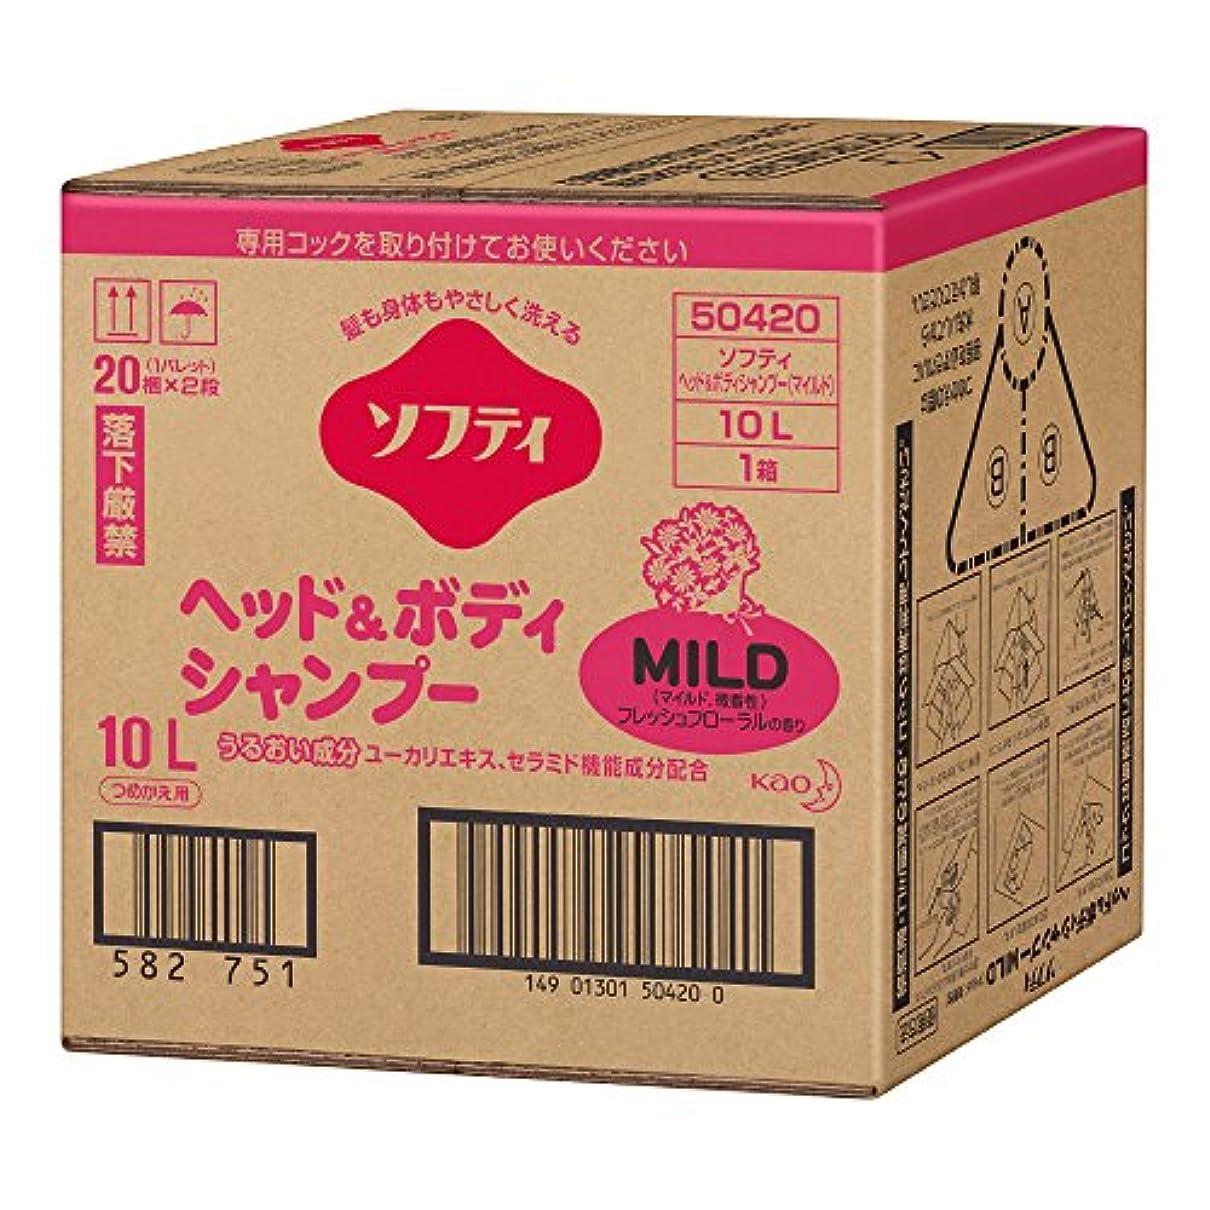 ベルベットに負ける焦げソフティ ヘッド&ボディシャンプーMILD(マイルド) 10L バッグインボックスタイプ (花王プロフェッショナルシリーズ)